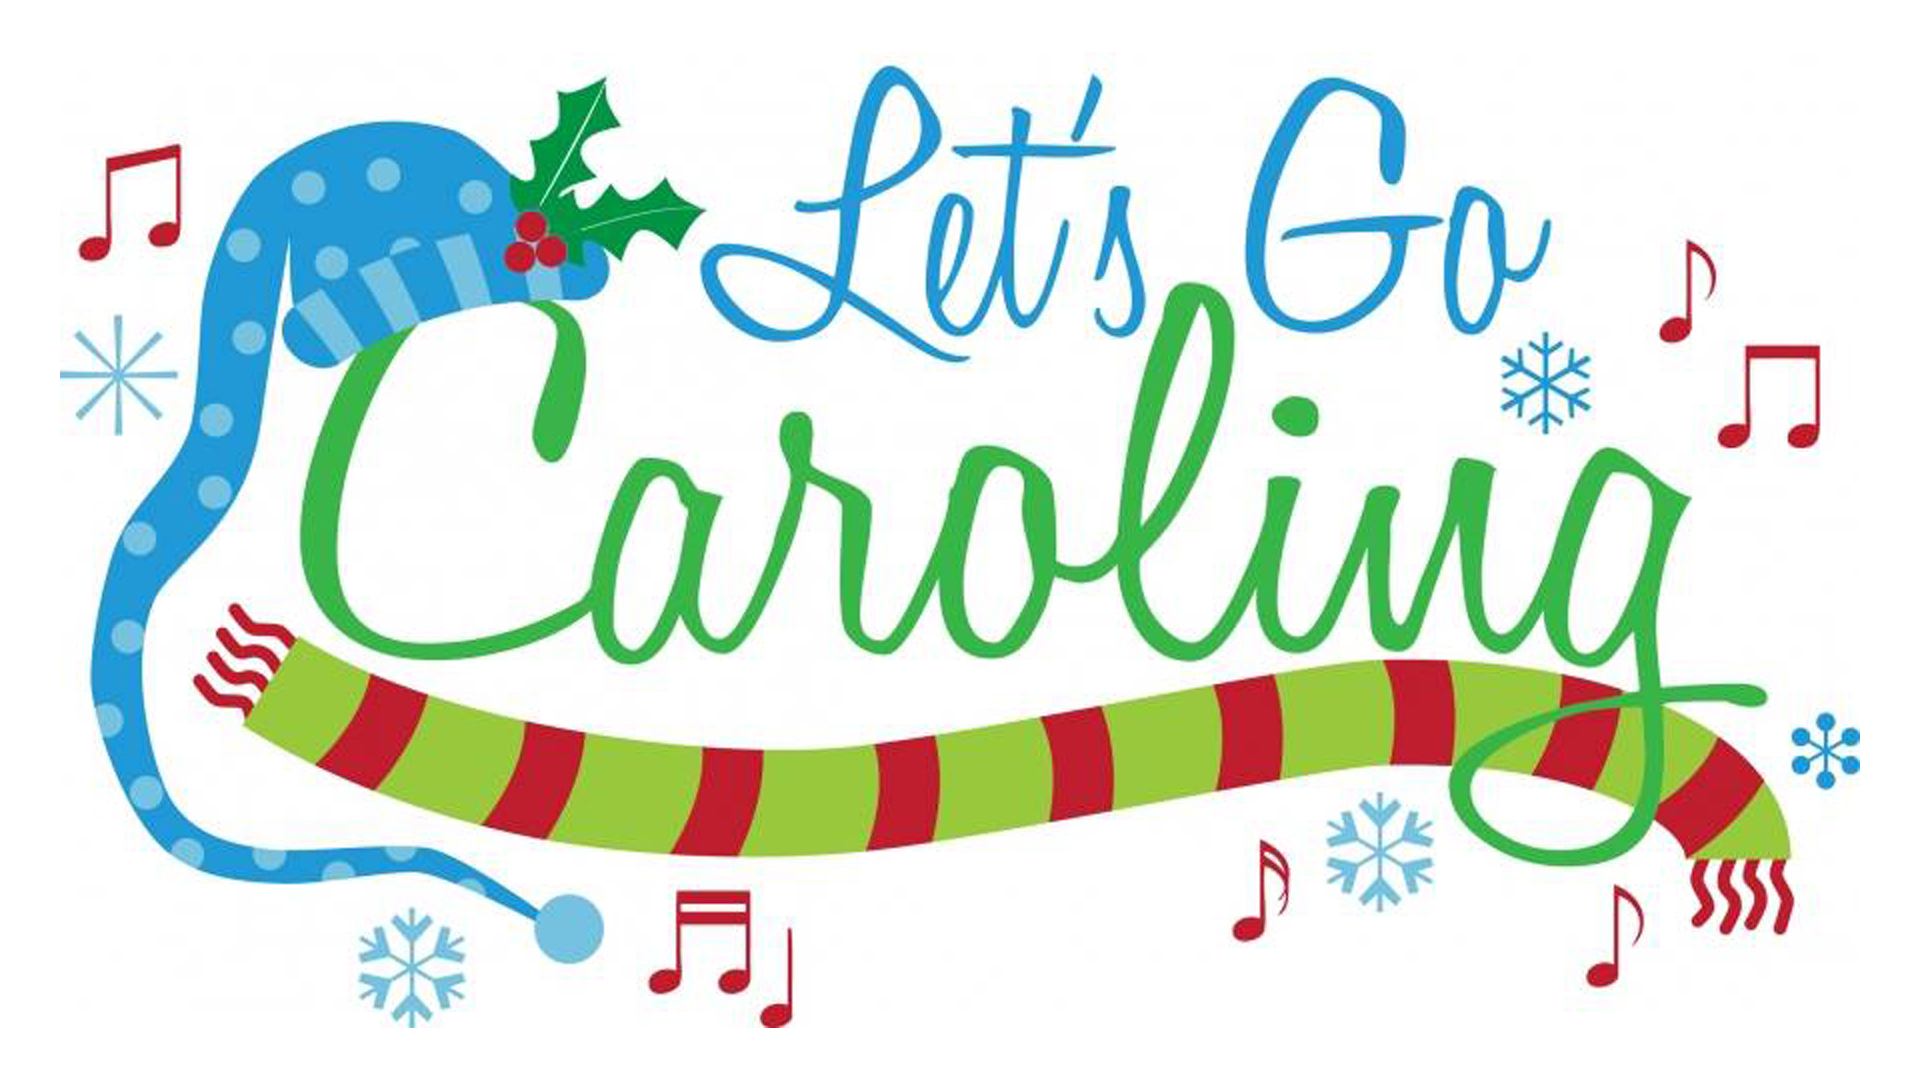 Let's Go Caroling 1920x1080.jpg